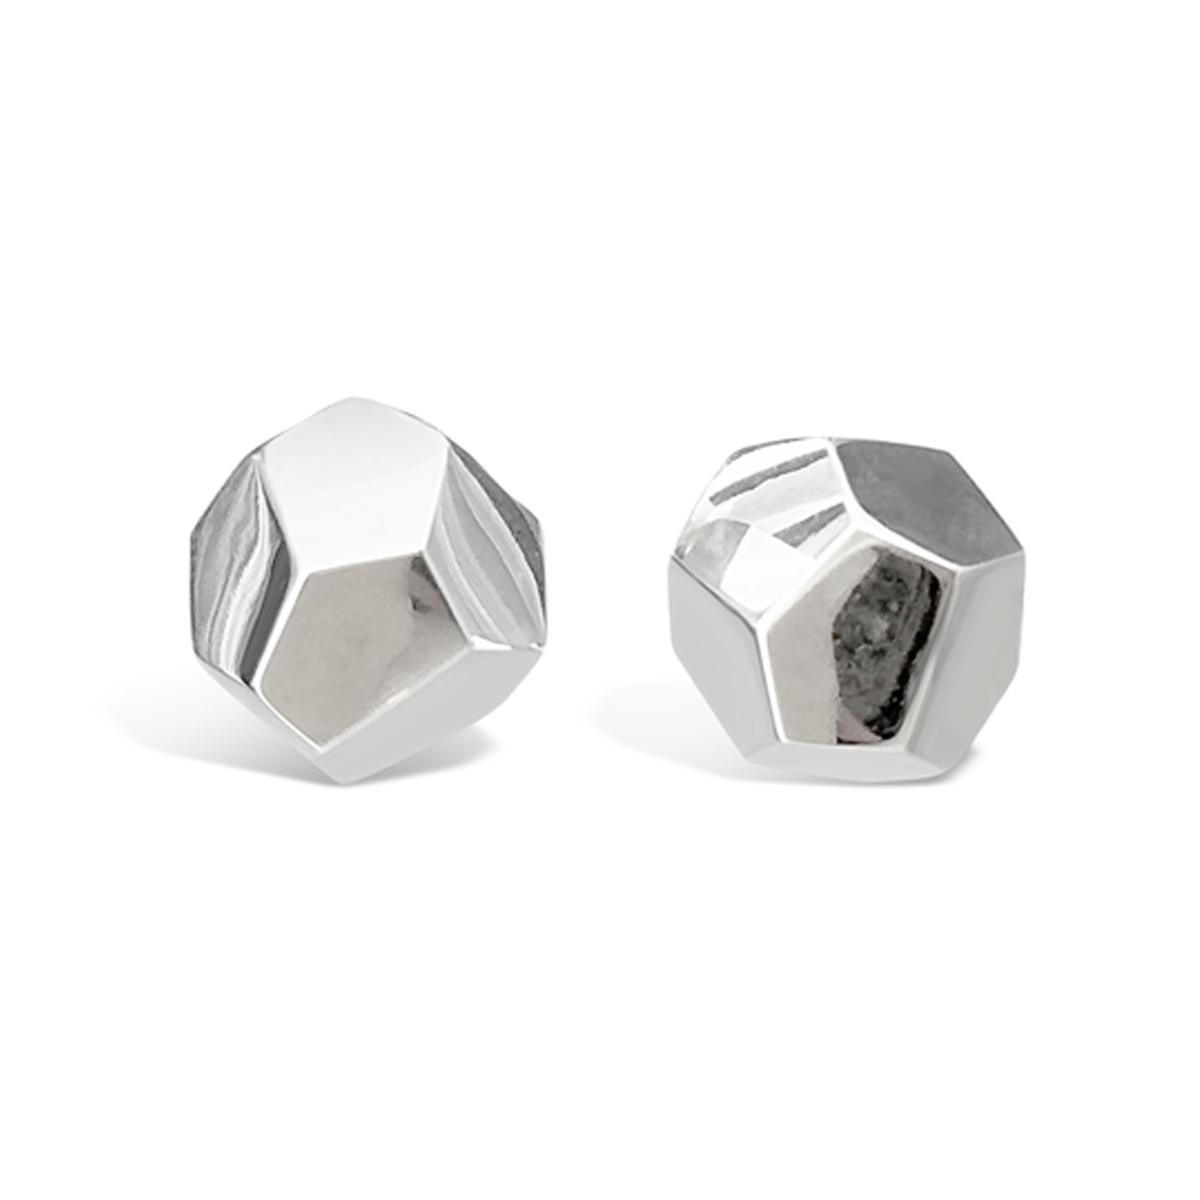 Decca Earrings Silver 8mm